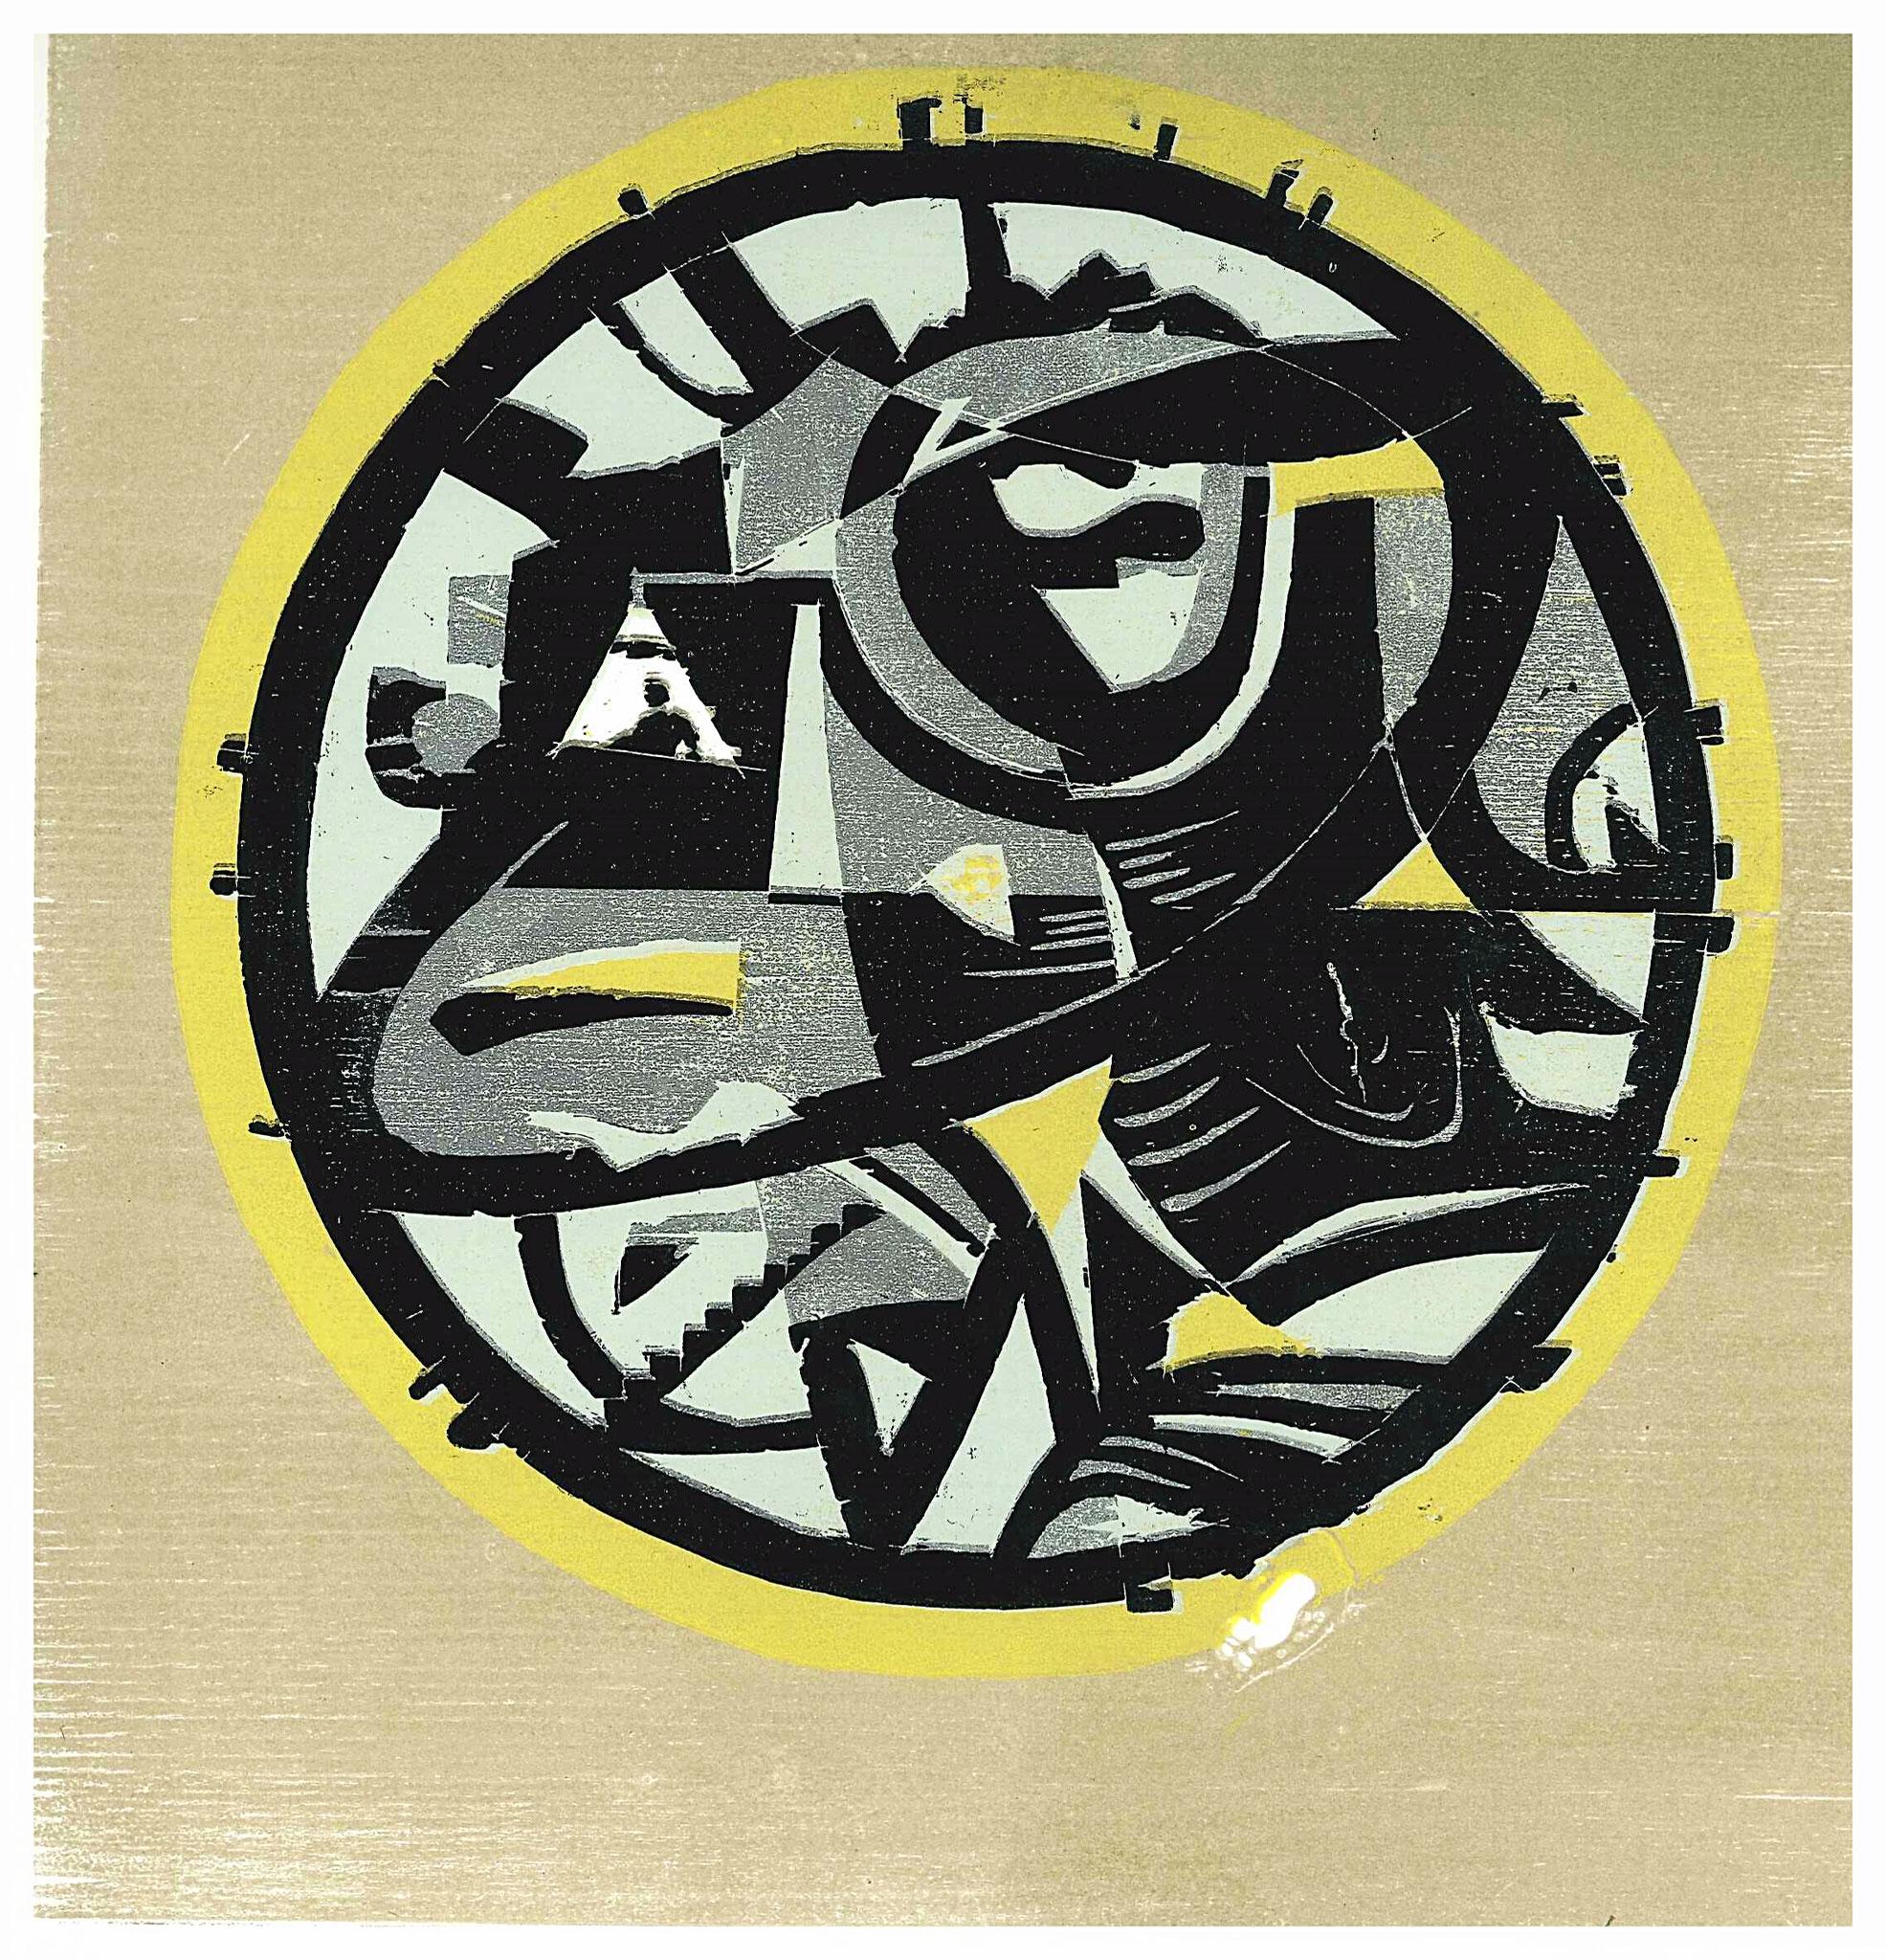 """"""" le dernier dicatateur eteint la lumière"""" Holzschnitt 40 x 40 cm ( verlorene Platte)"""